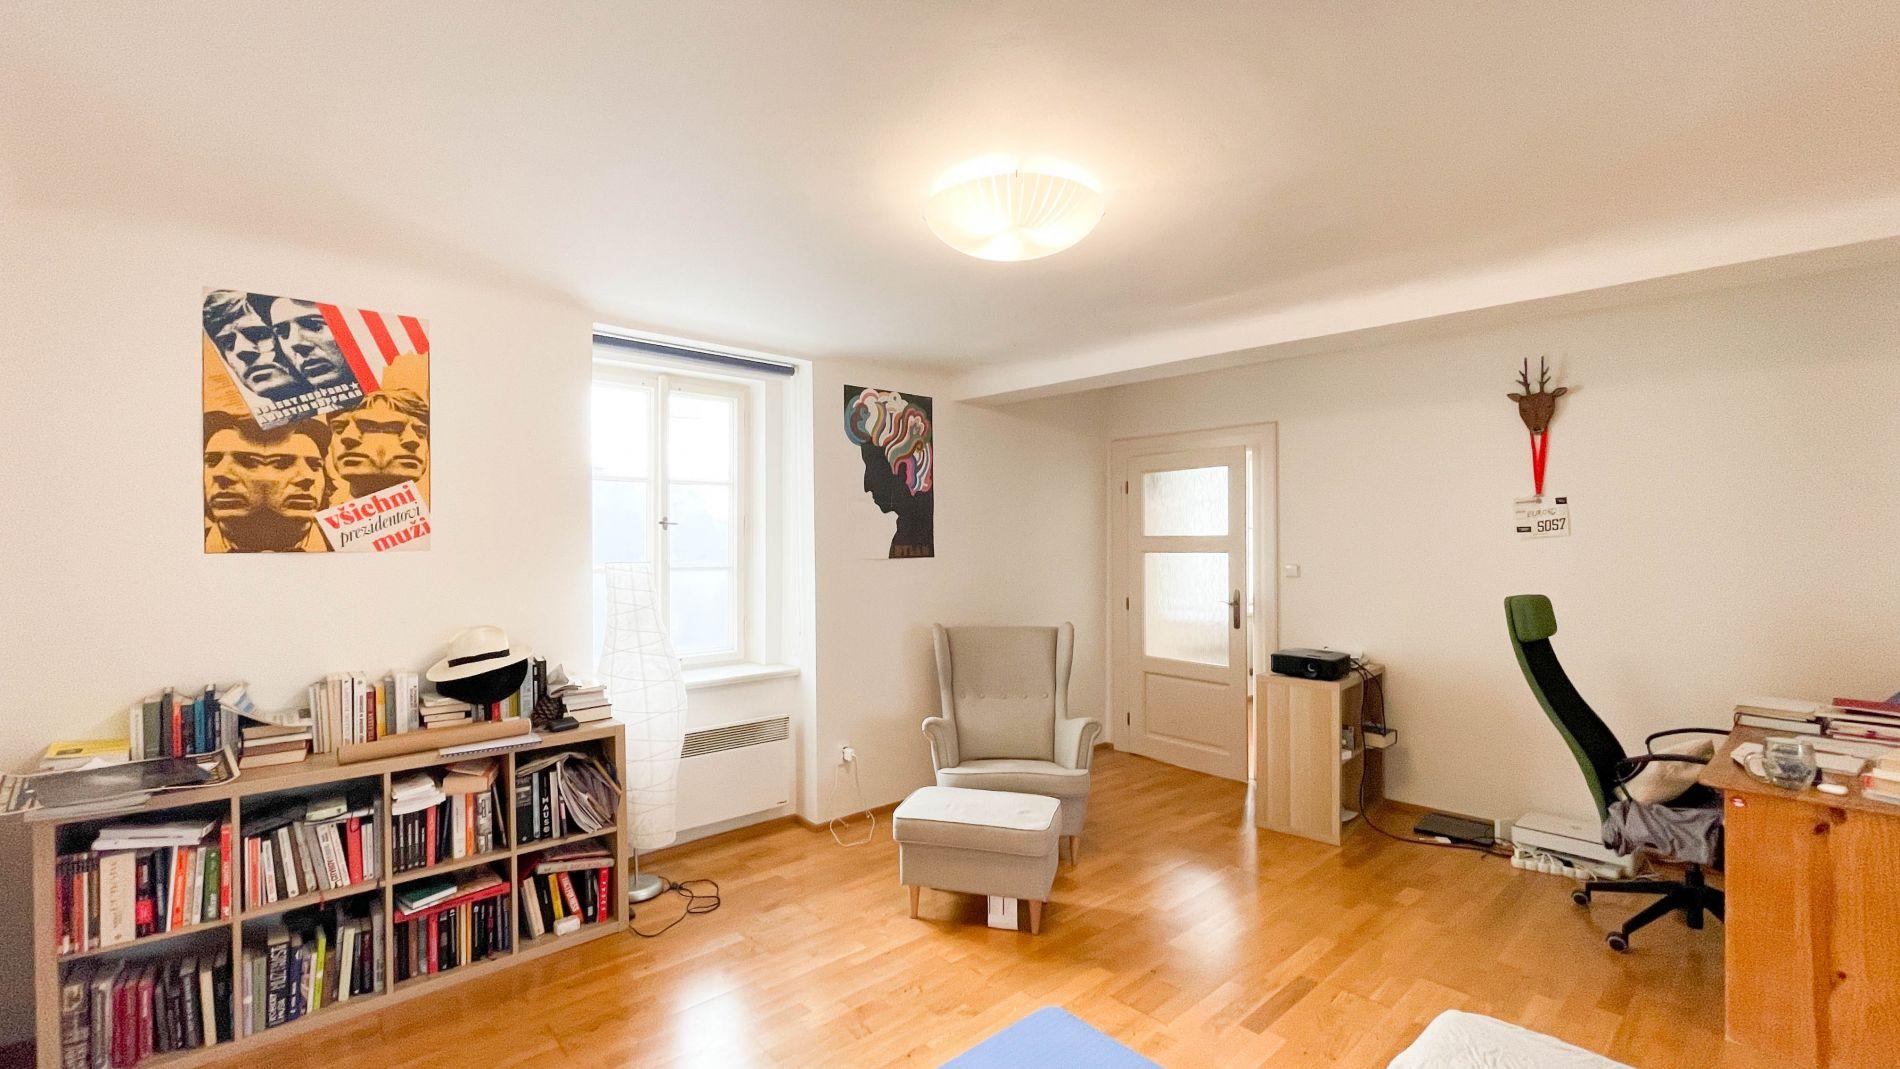 Ponájem nezařízeného bytu 2+1 cca 60m2, 1. patro, Radnické schody, Malá strana, Praha 1